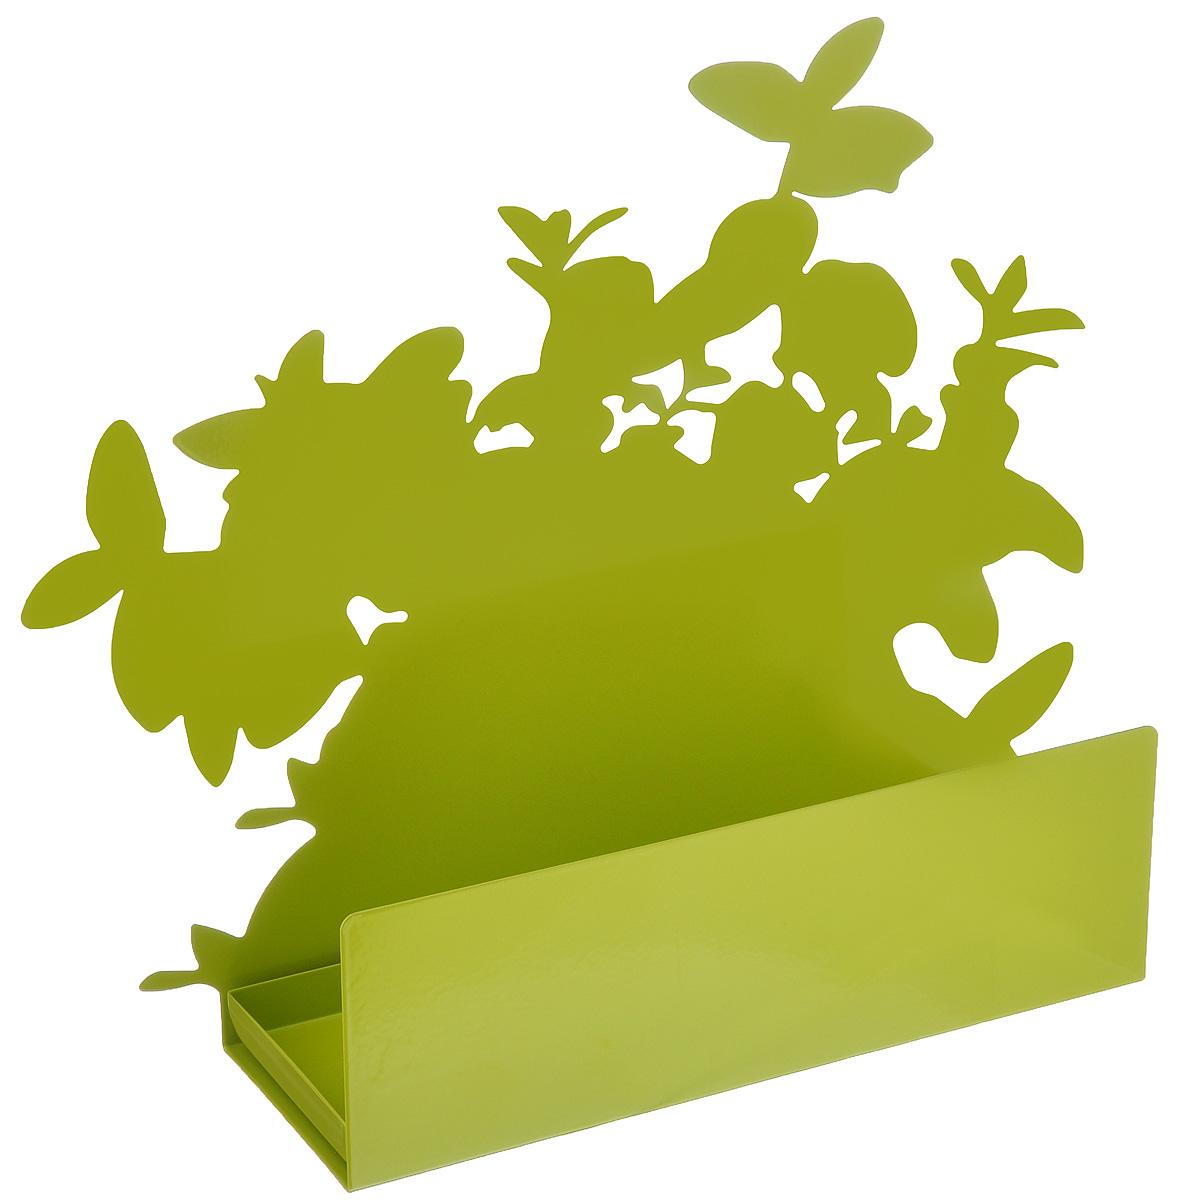 Подставка для растений Sagaform, с поддоном, цвет: зеленый5016475Подставка Sagaform, изготовленная из высококачественного металла, предназначена для цветов, растений и трав. Изделие оснащено невысоким поддоном. Поддон обеспечивает систему прикорневого полива, которая способствует вентиляции и дренажу корневой системы растения. Подставку можно поместить в любом понравившемся вам месте. Такая подставка порадует вас современным дизайном и функциональностью, а также оригинально украсит интерьер помещения. Размер подставки: 36 см х 10 см х 29 см. Размер поддона: 27 см х 9 см х 2 см.